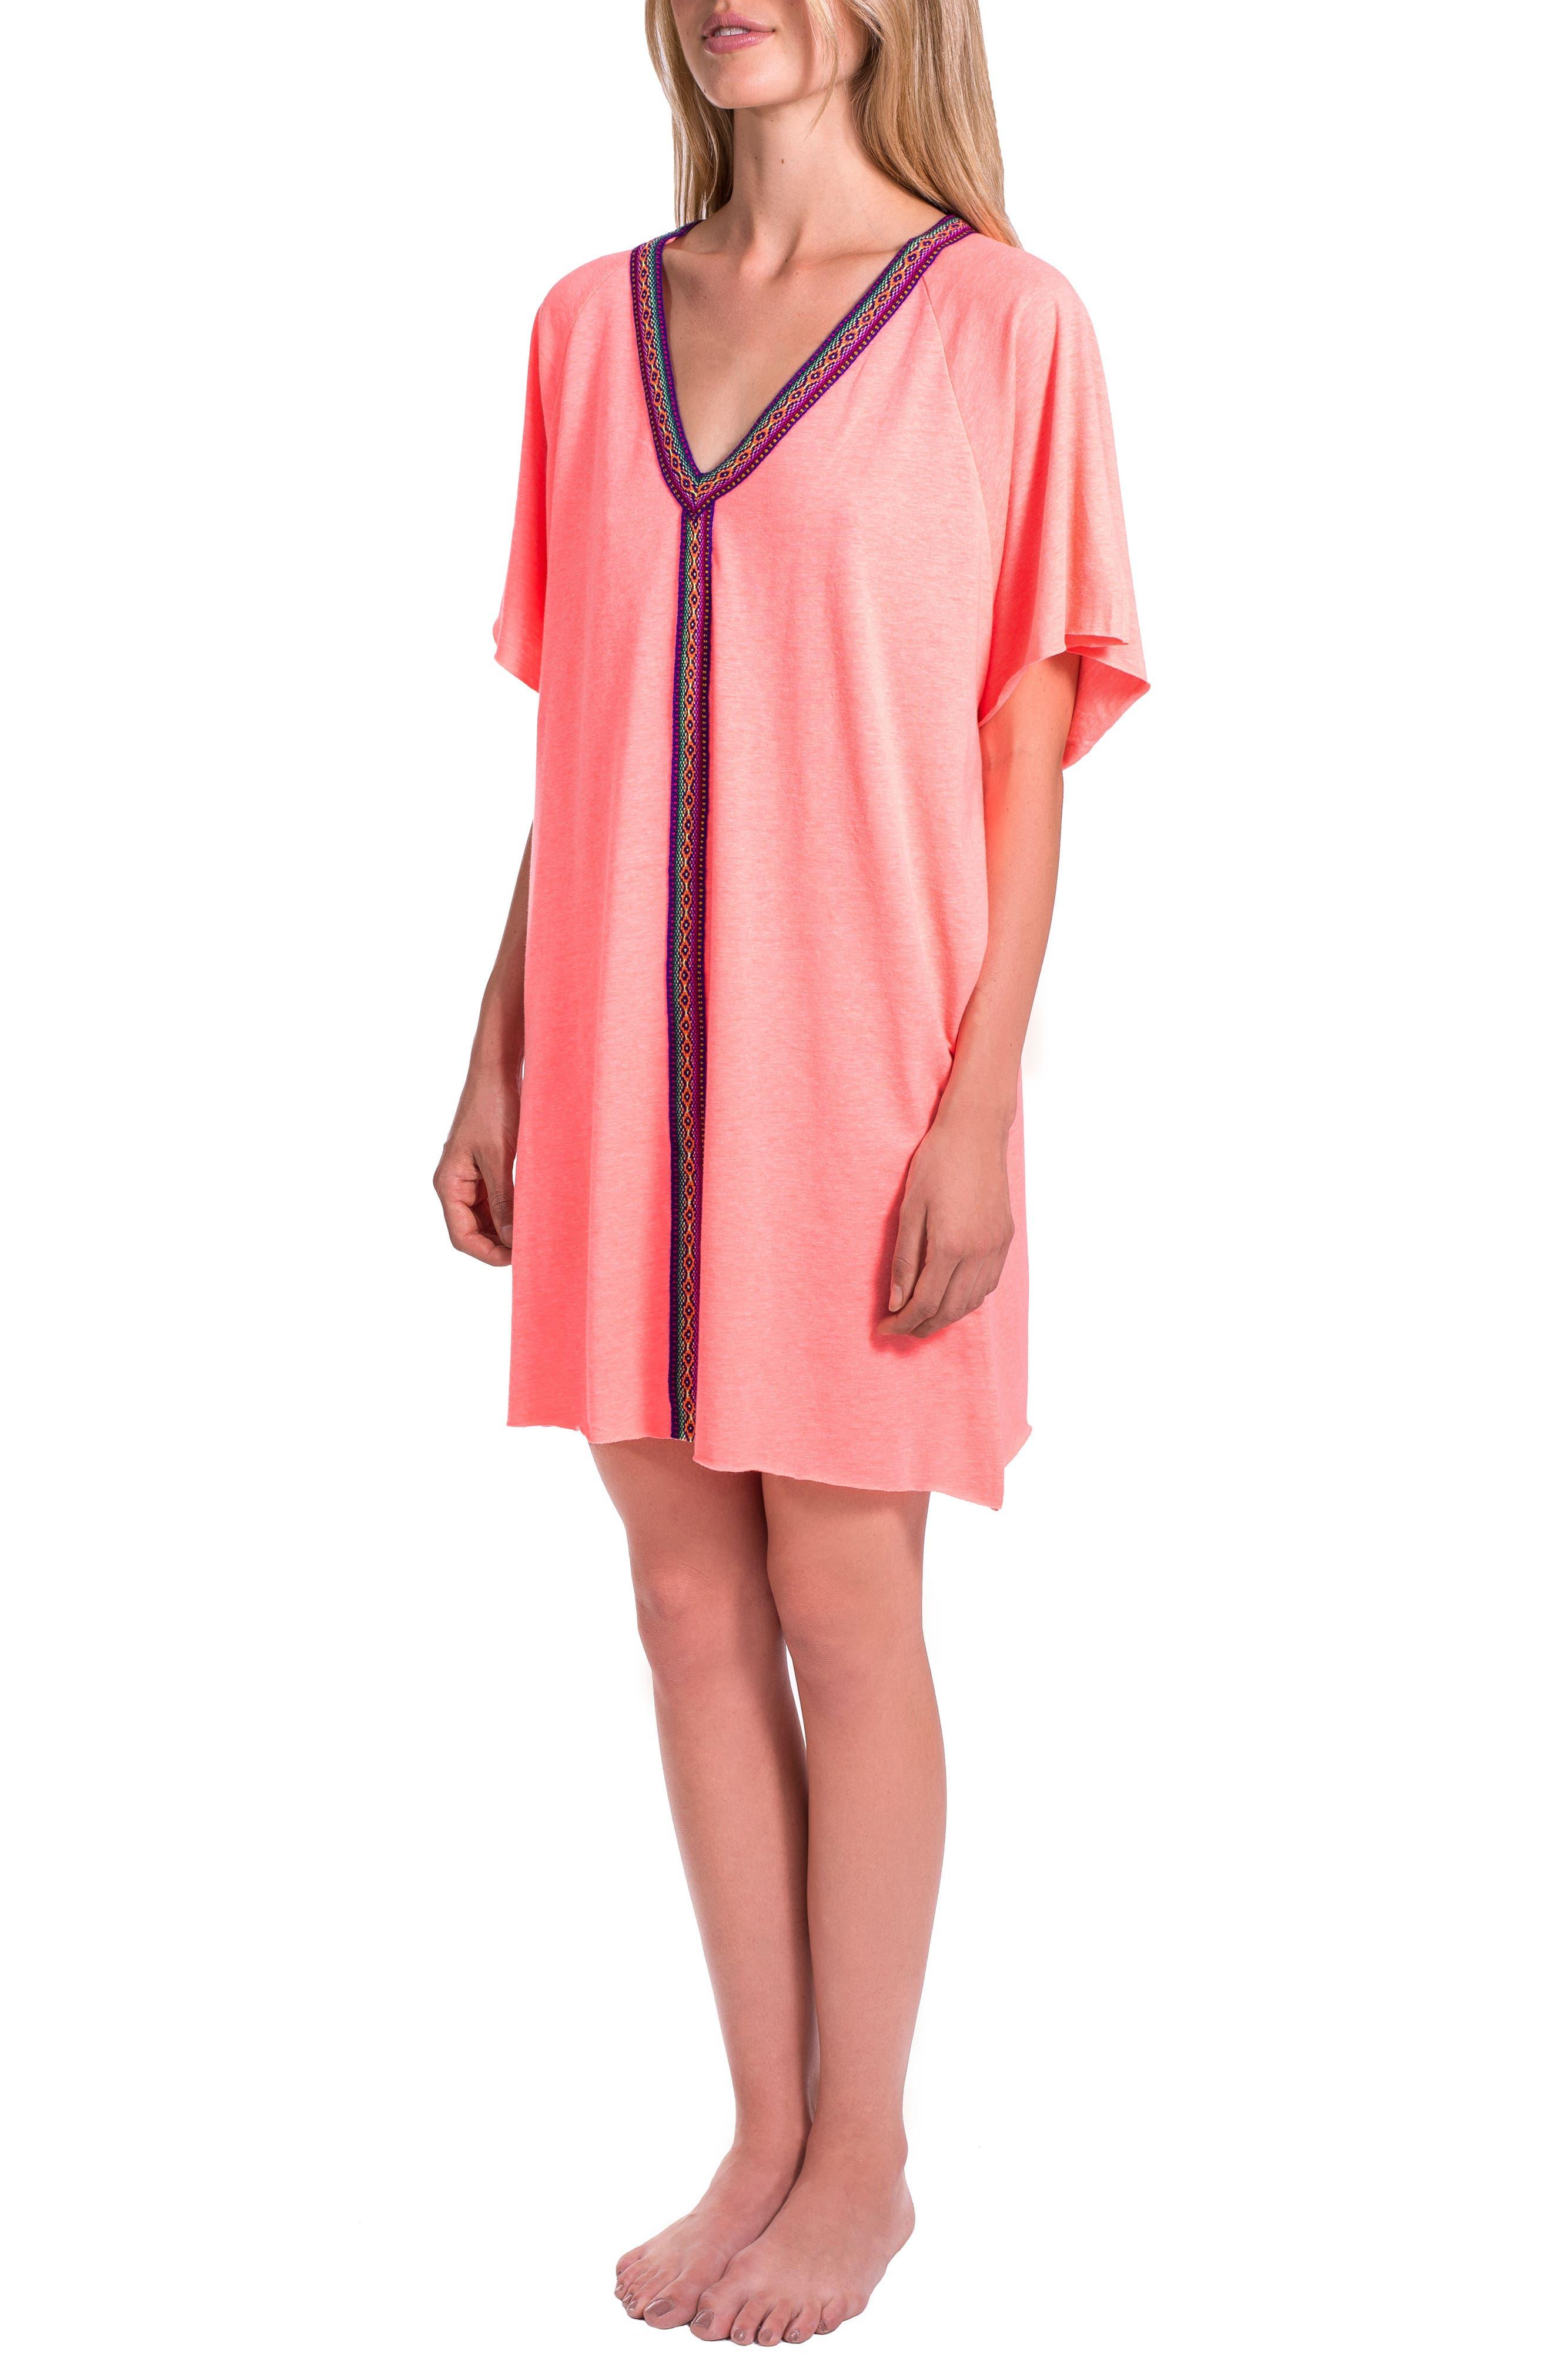 Abaya Cover-Up Minidress,                             Main thumbnail 1, color,                             Coral